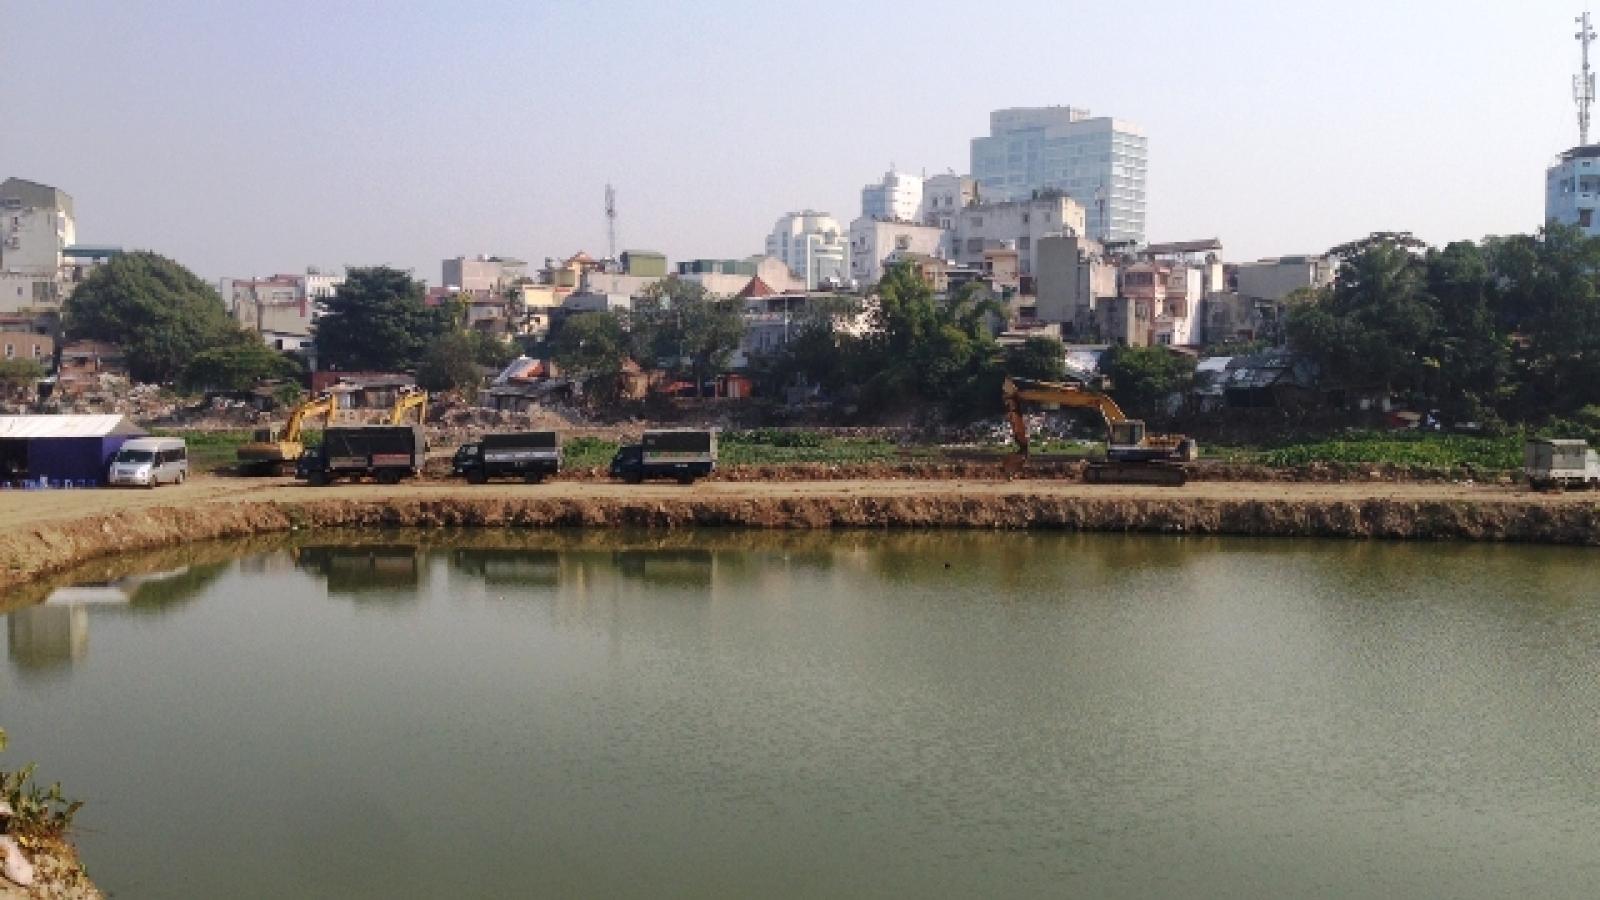 Vì sao dự án cải tạo hồ Linh Quang 16 năm vẫn ngổn ngang, dang dở?